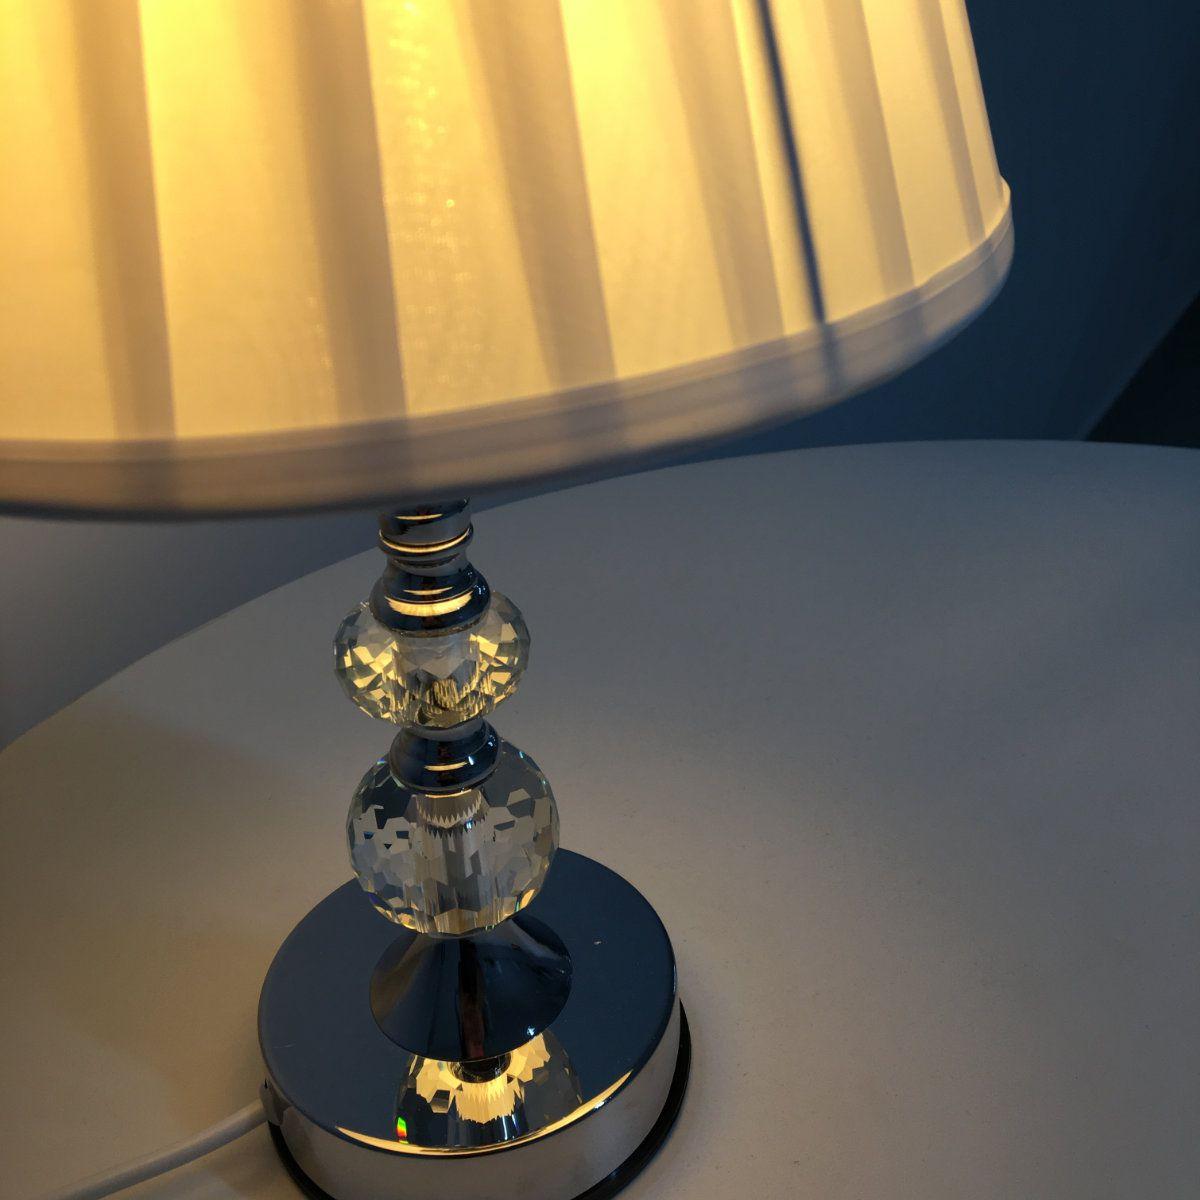 Abajur de Cristal com Cúpula em Poliéster - 35cm Ref. 381